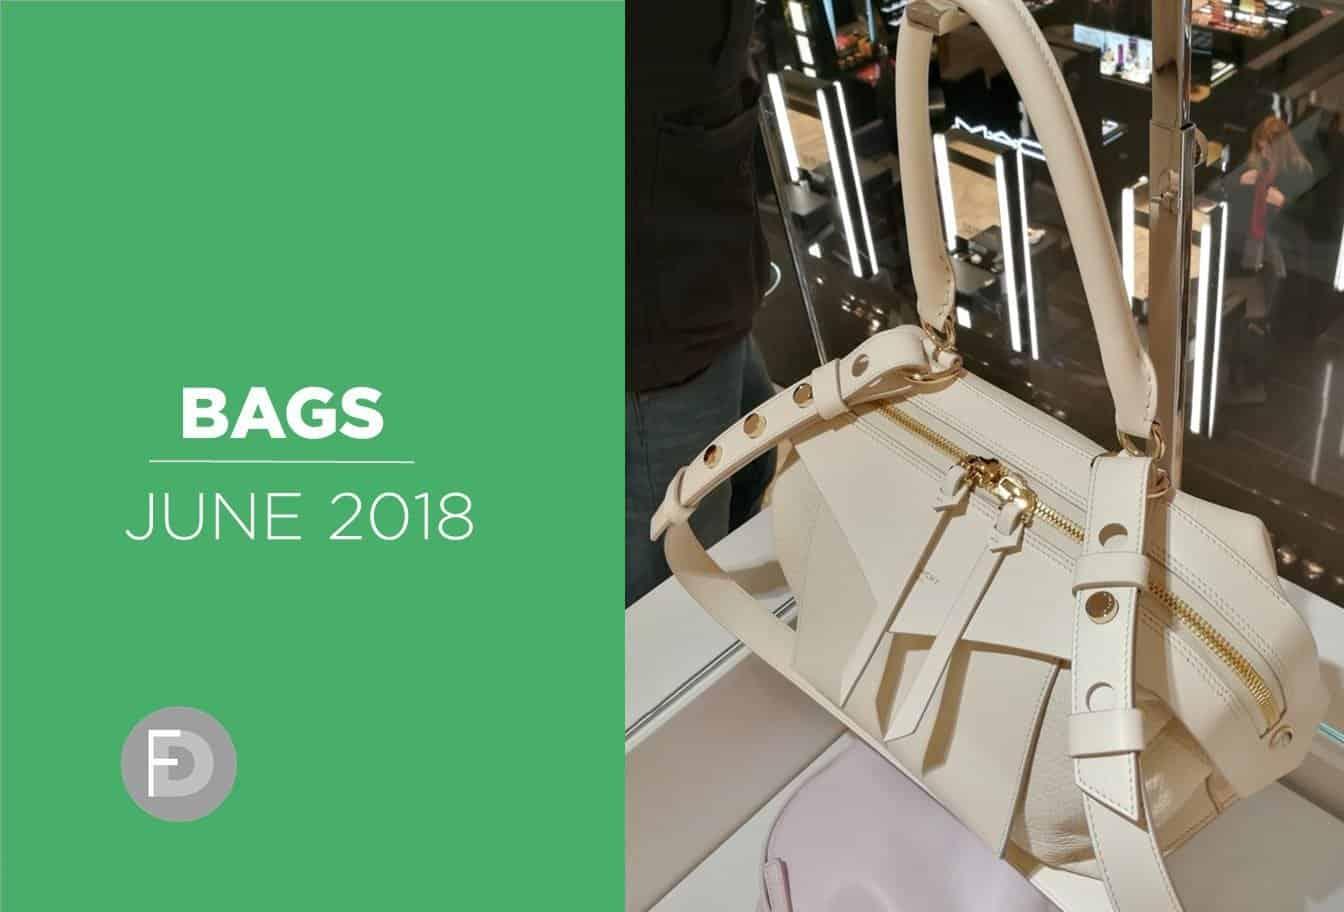 Bags June 2018 Part 1